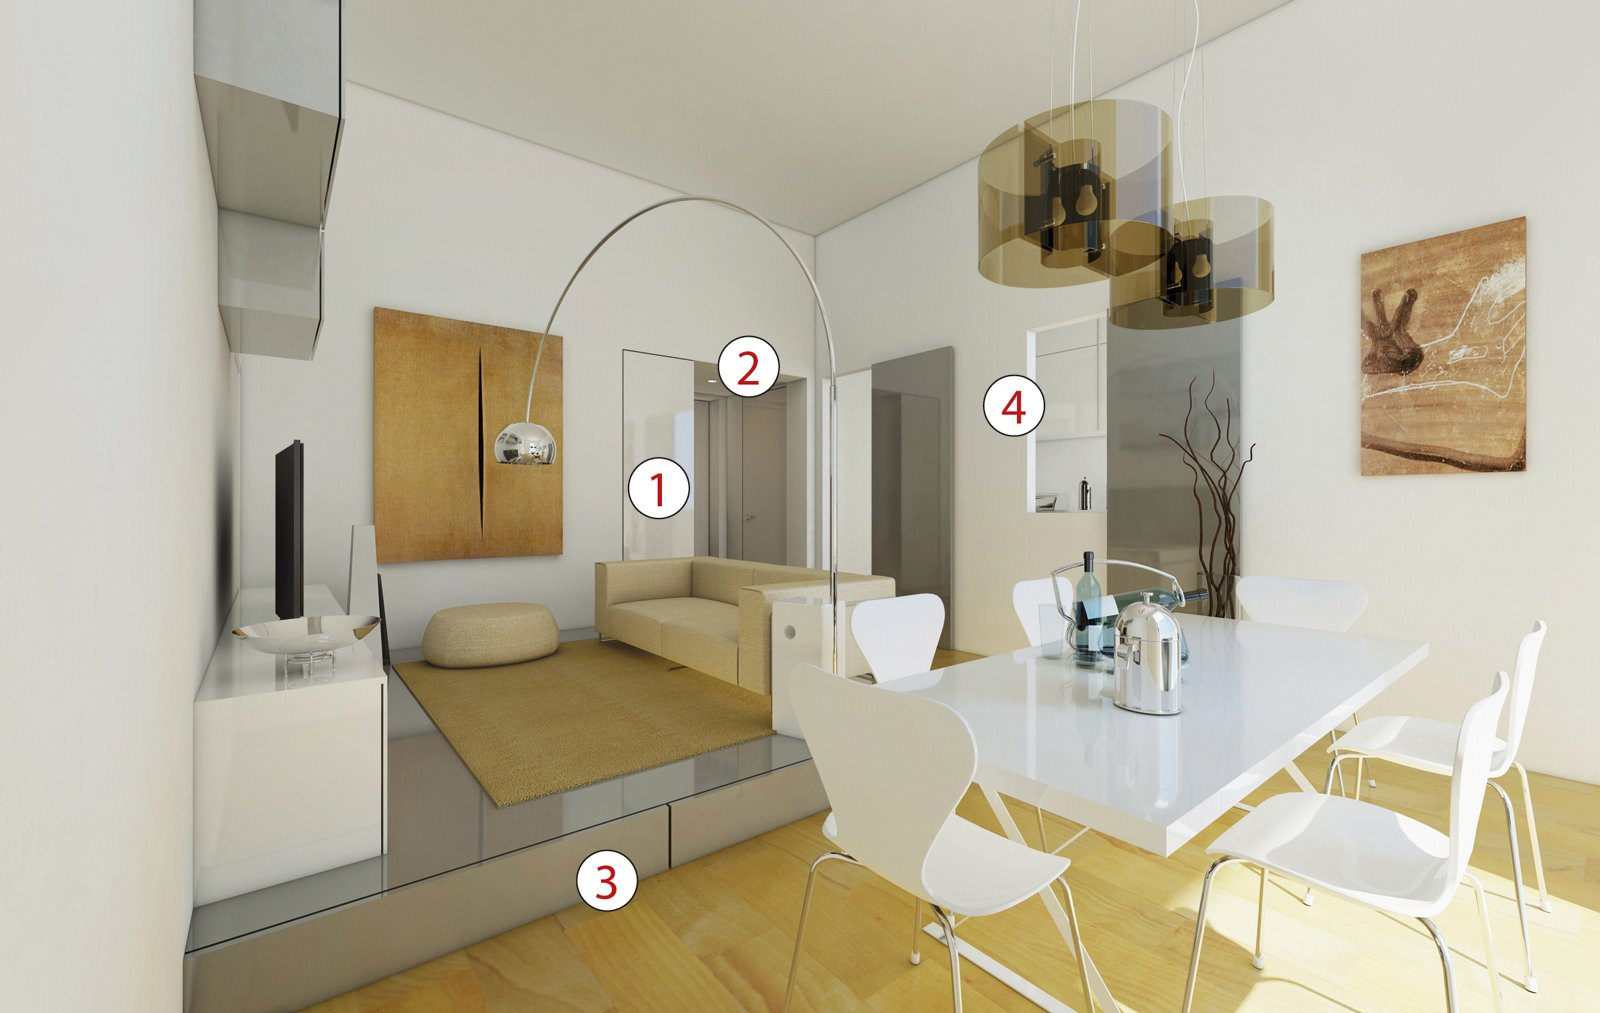 Tante idee per migliorare casa focus sulla zona giorno for Idee per ingresso casa